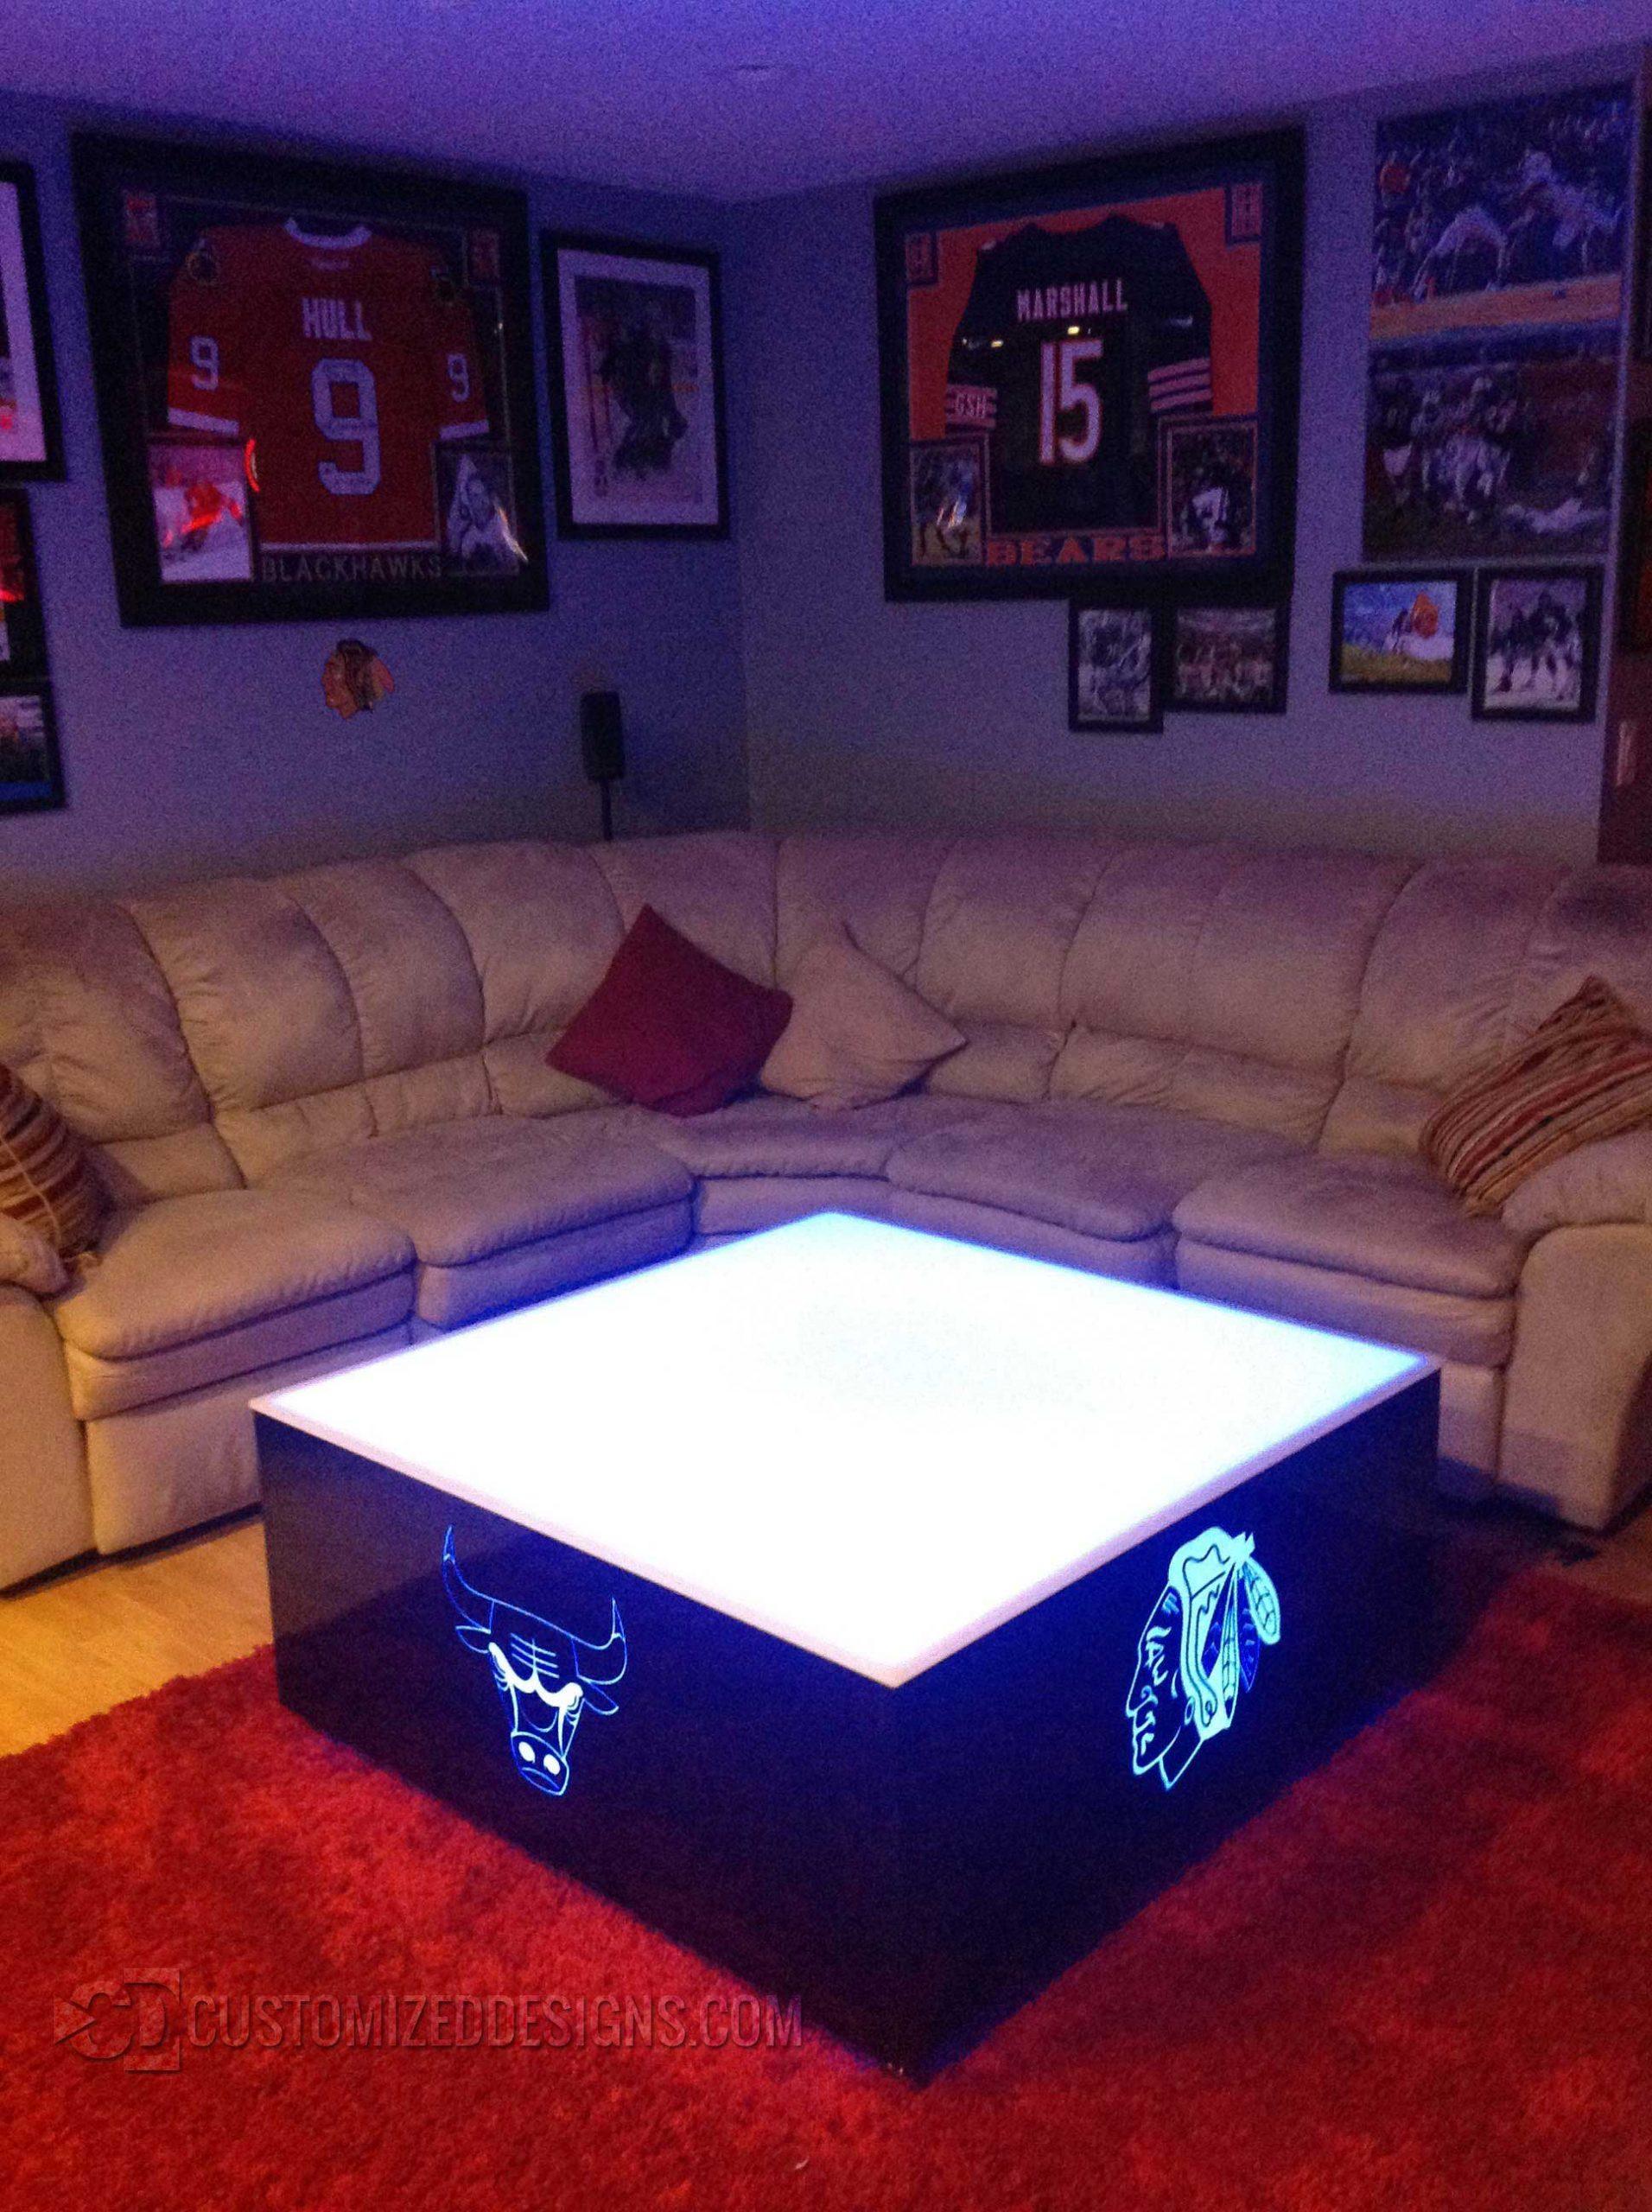 Chicago Home Bar Sports LED Table - Bulls - Blackhawks